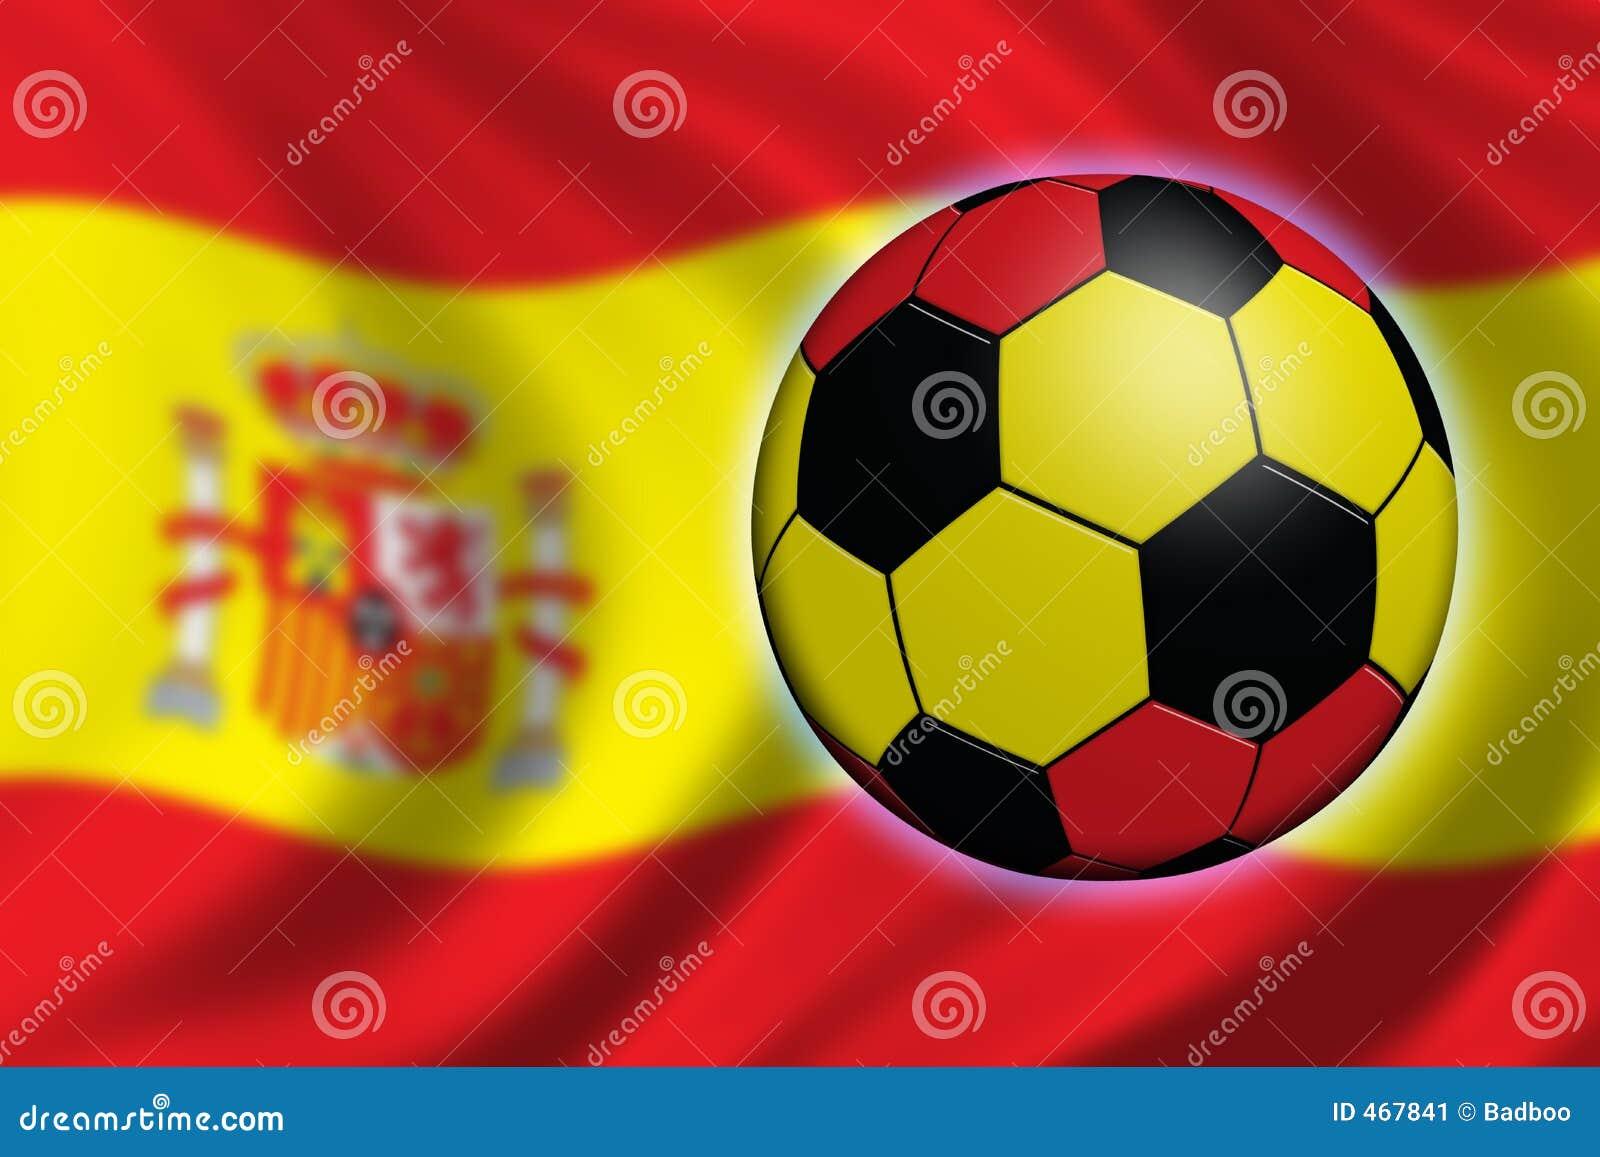 soccer in spain stock image image 467841